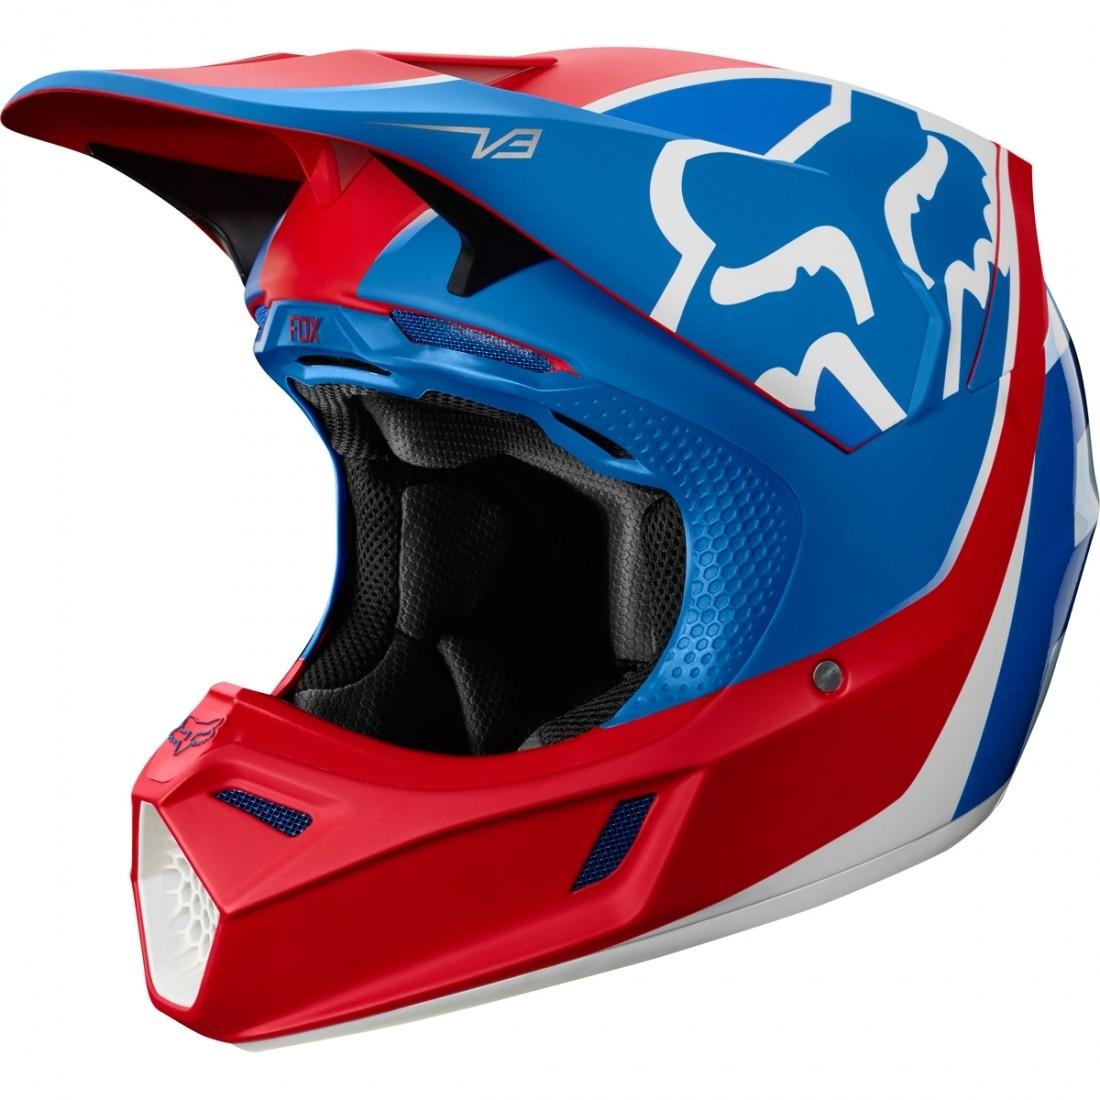 casco fox v3 kila blco/rojo/azul talle s